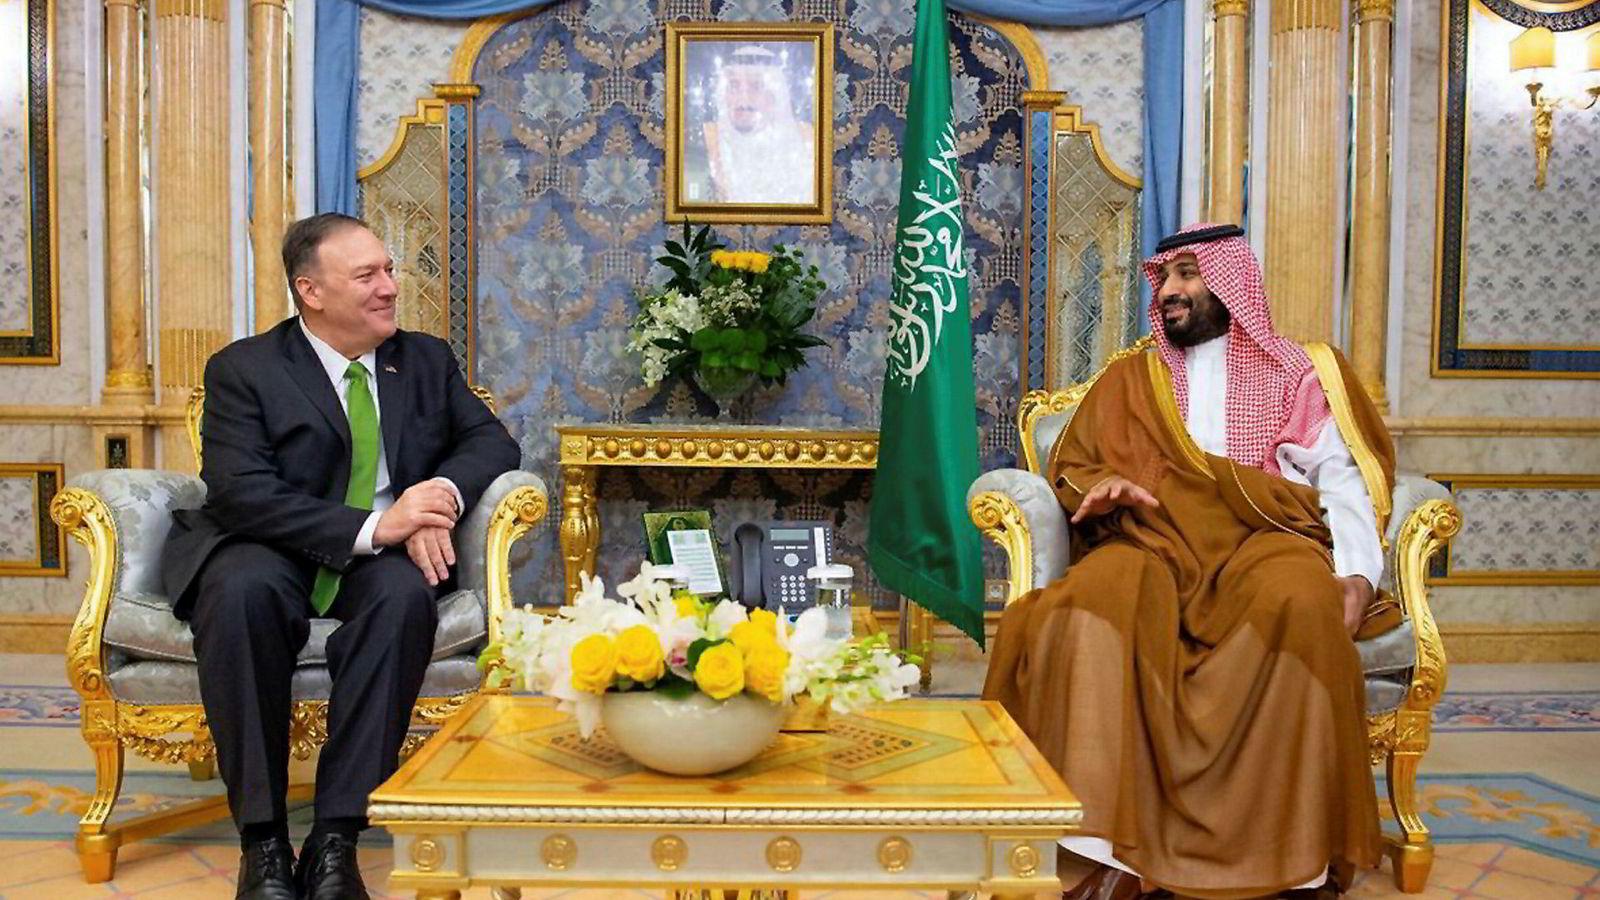 USAs utenriksminister Mike Pompeo møtte Saudi-Arabias kronprins Mohammed bin Salman i Jeddah onsdag.